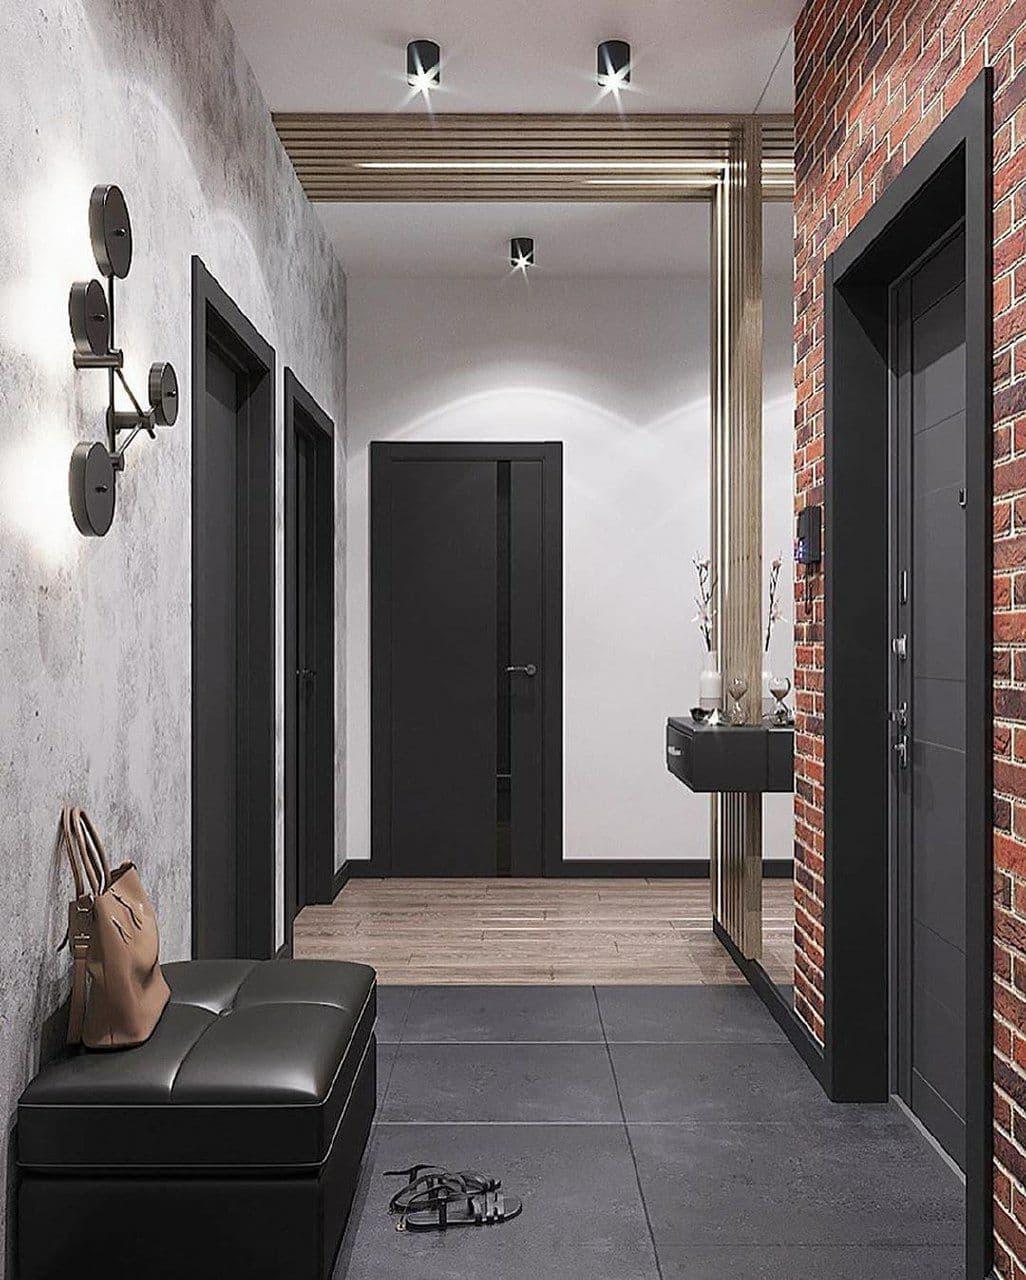 Лофт в интерьере с отделкой гипсовым кирпичом и рейками на потолке.